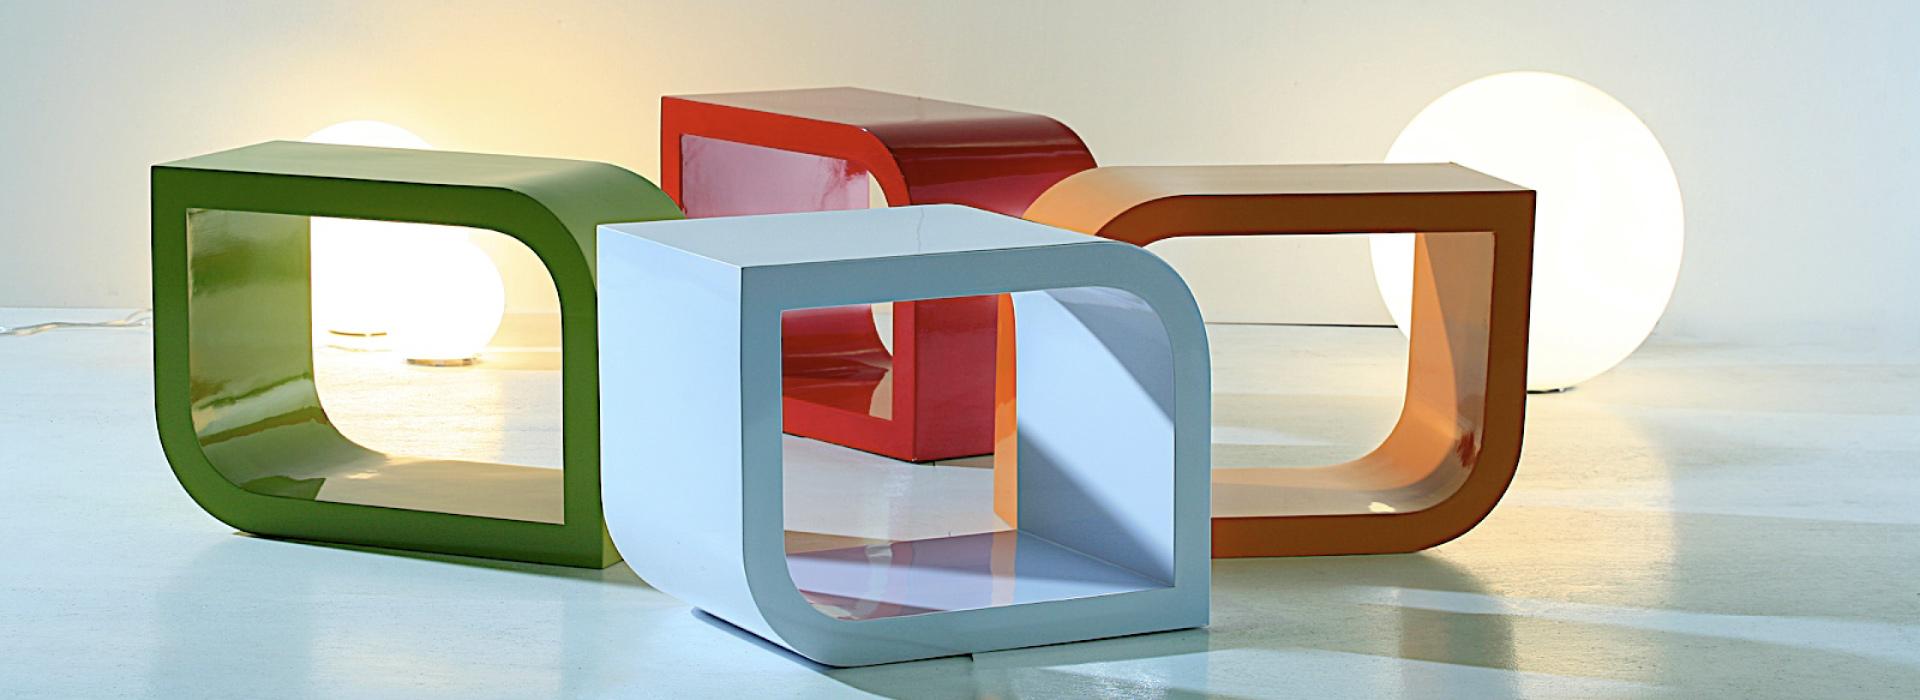 Manufactoring Furniture Works